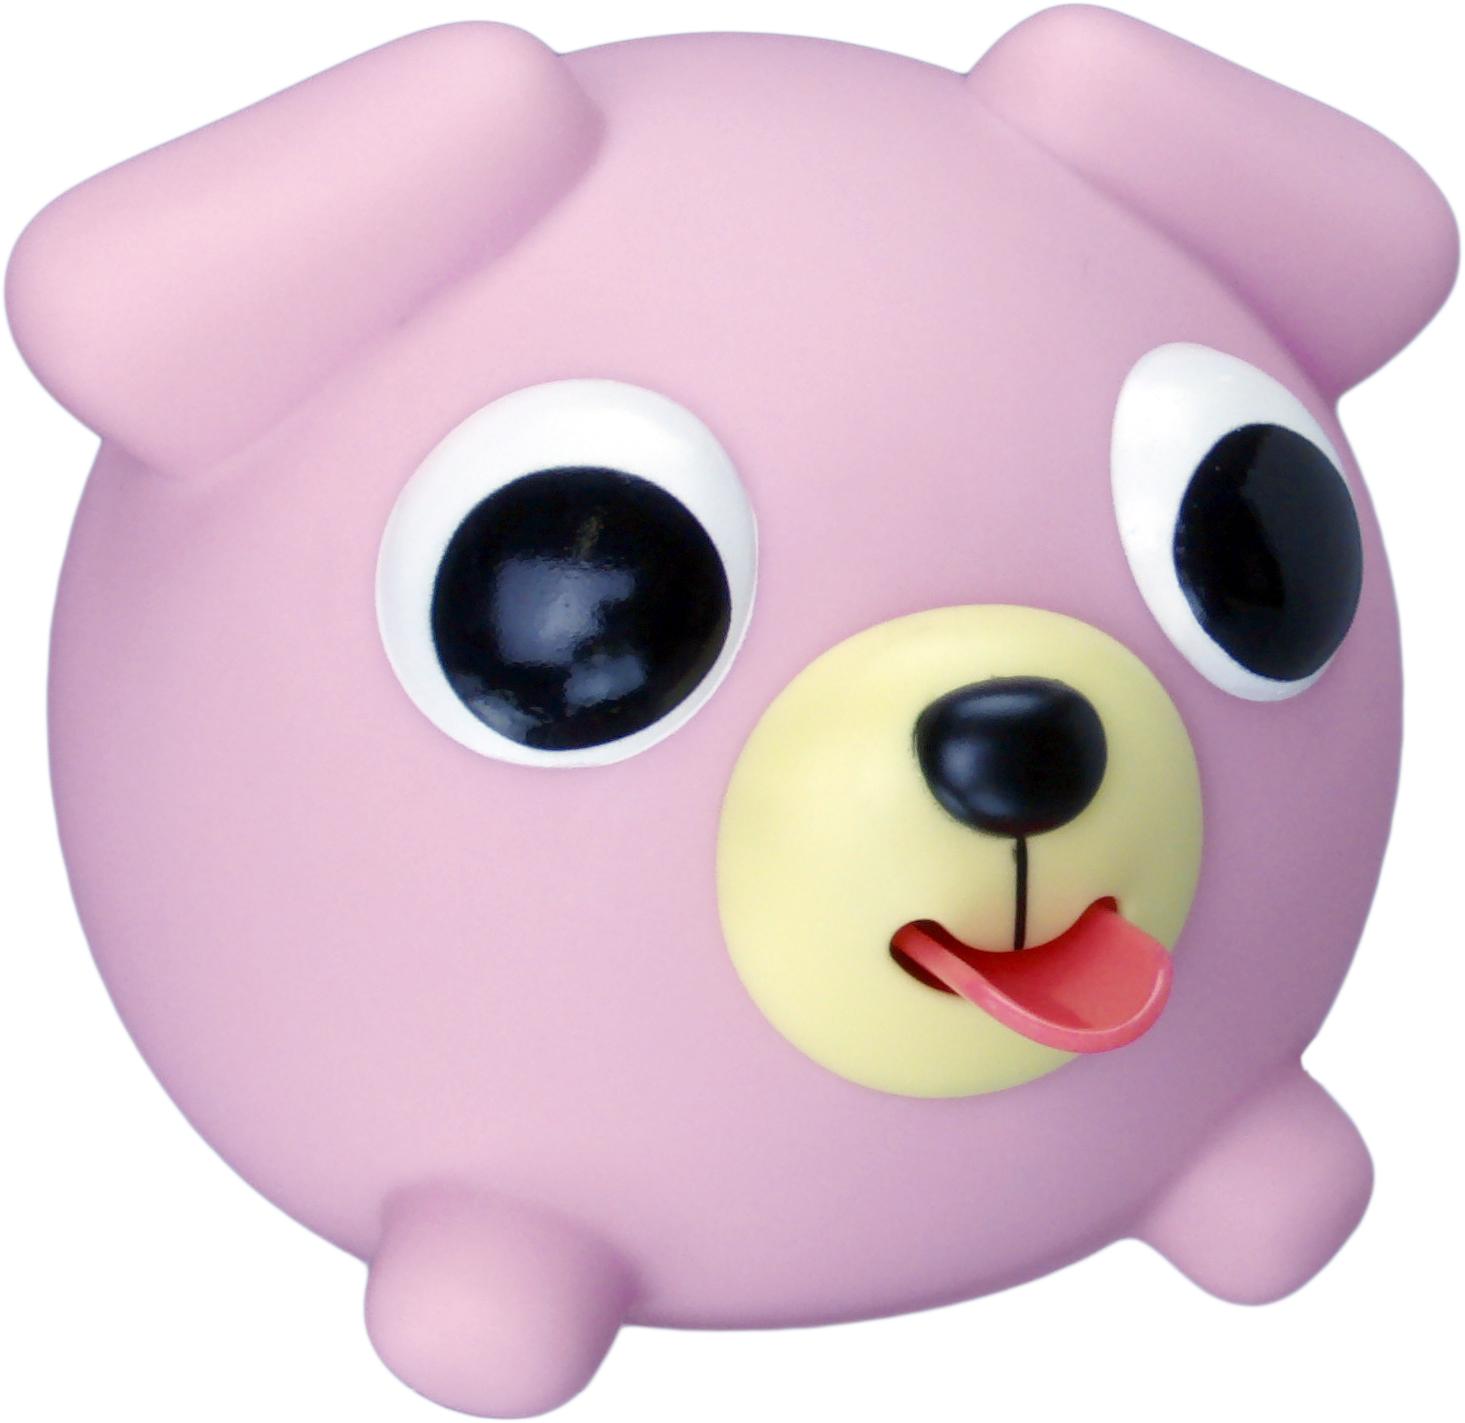 Emocinis žaisliukas JABBER BALL Rožinis šuniukas vaikams nuo 18 mėn.